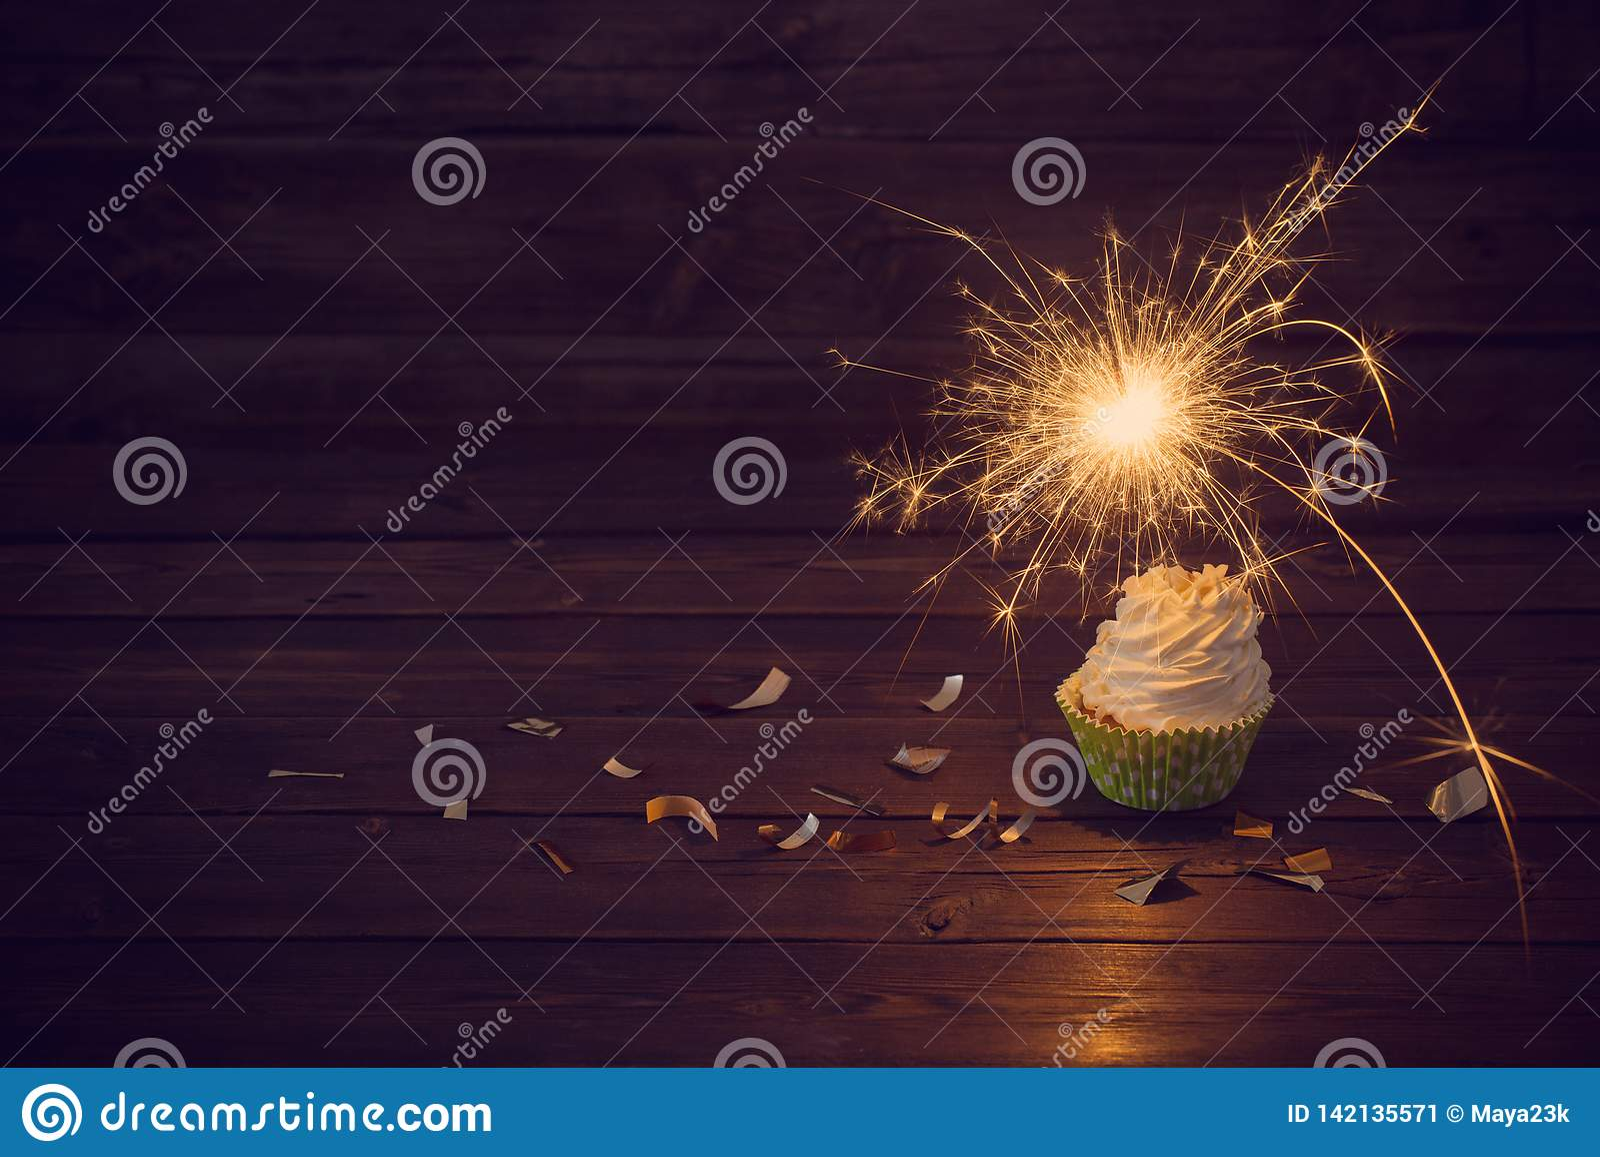 Birthday Cake Sparkler Stock Images